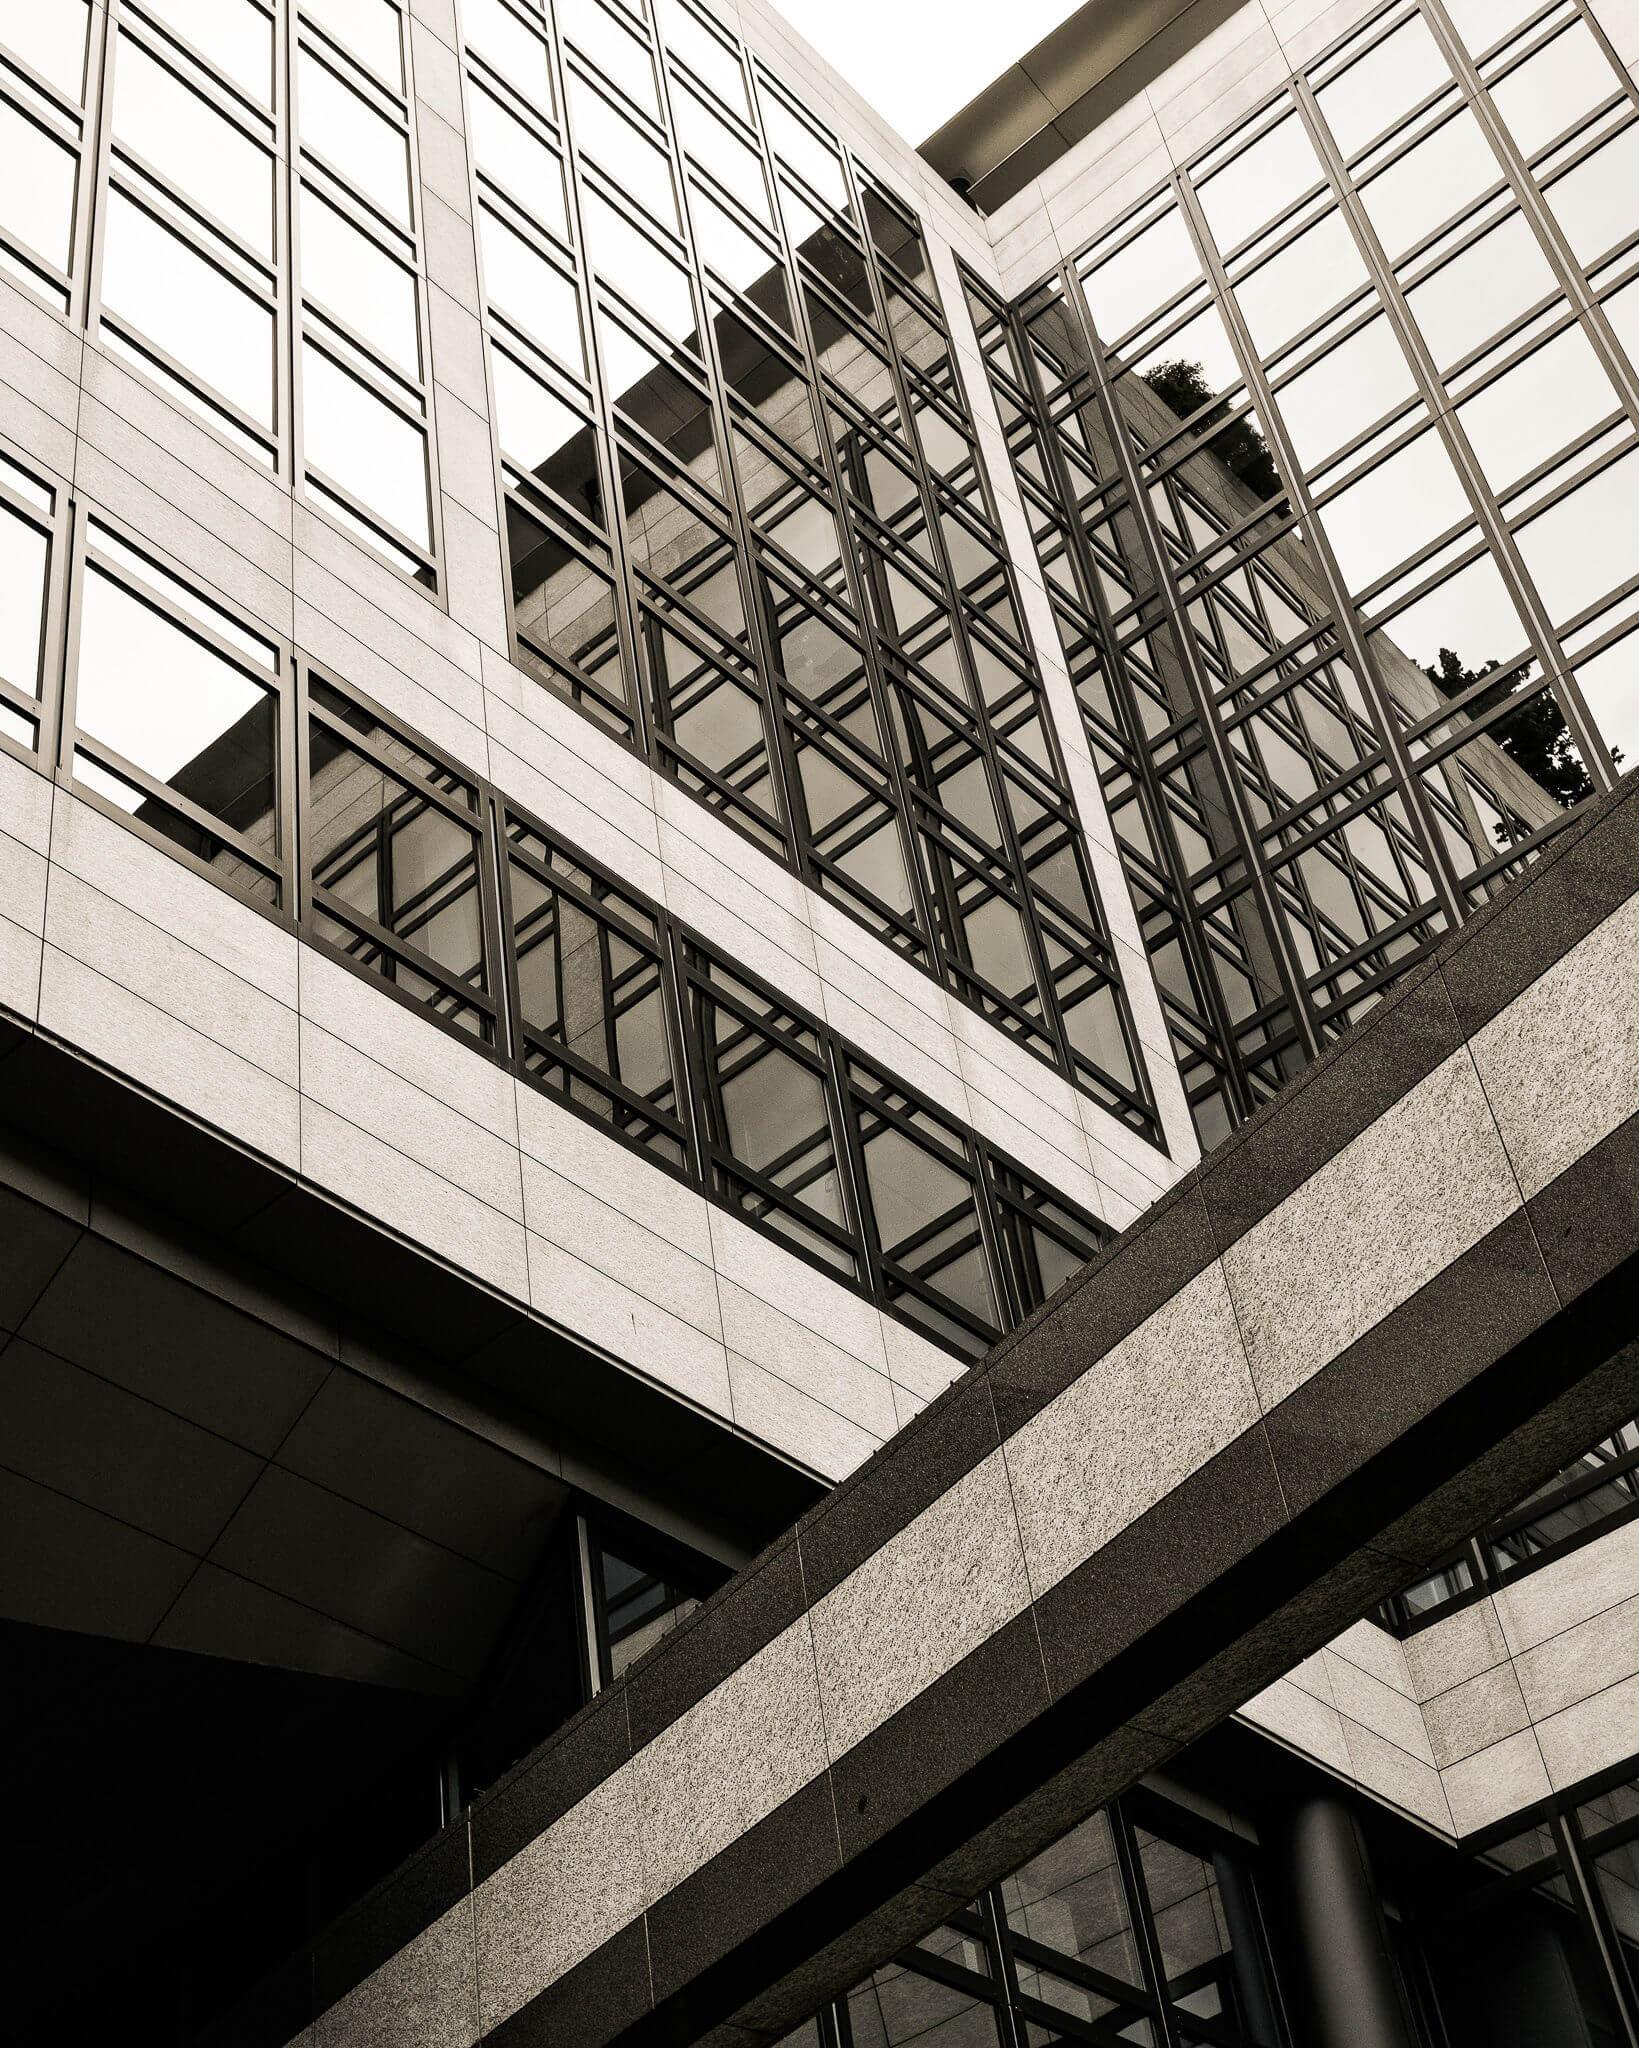 Odrazy a budovy | Nikon Z fc + Nikkor Z 28 mm f/2,8 | 1/100 s, F8, ISO 100